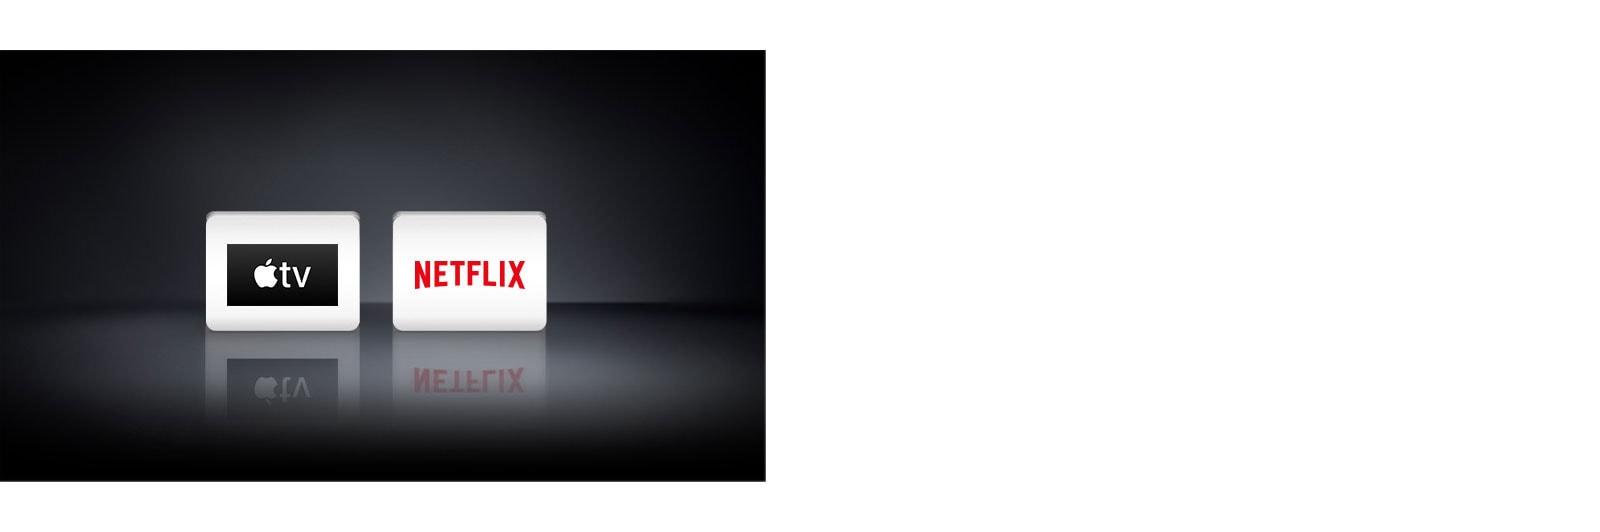 Se muestran cuatro logotipos de aplicaciones de izquierda a derecha: Apple TV y Netflix.